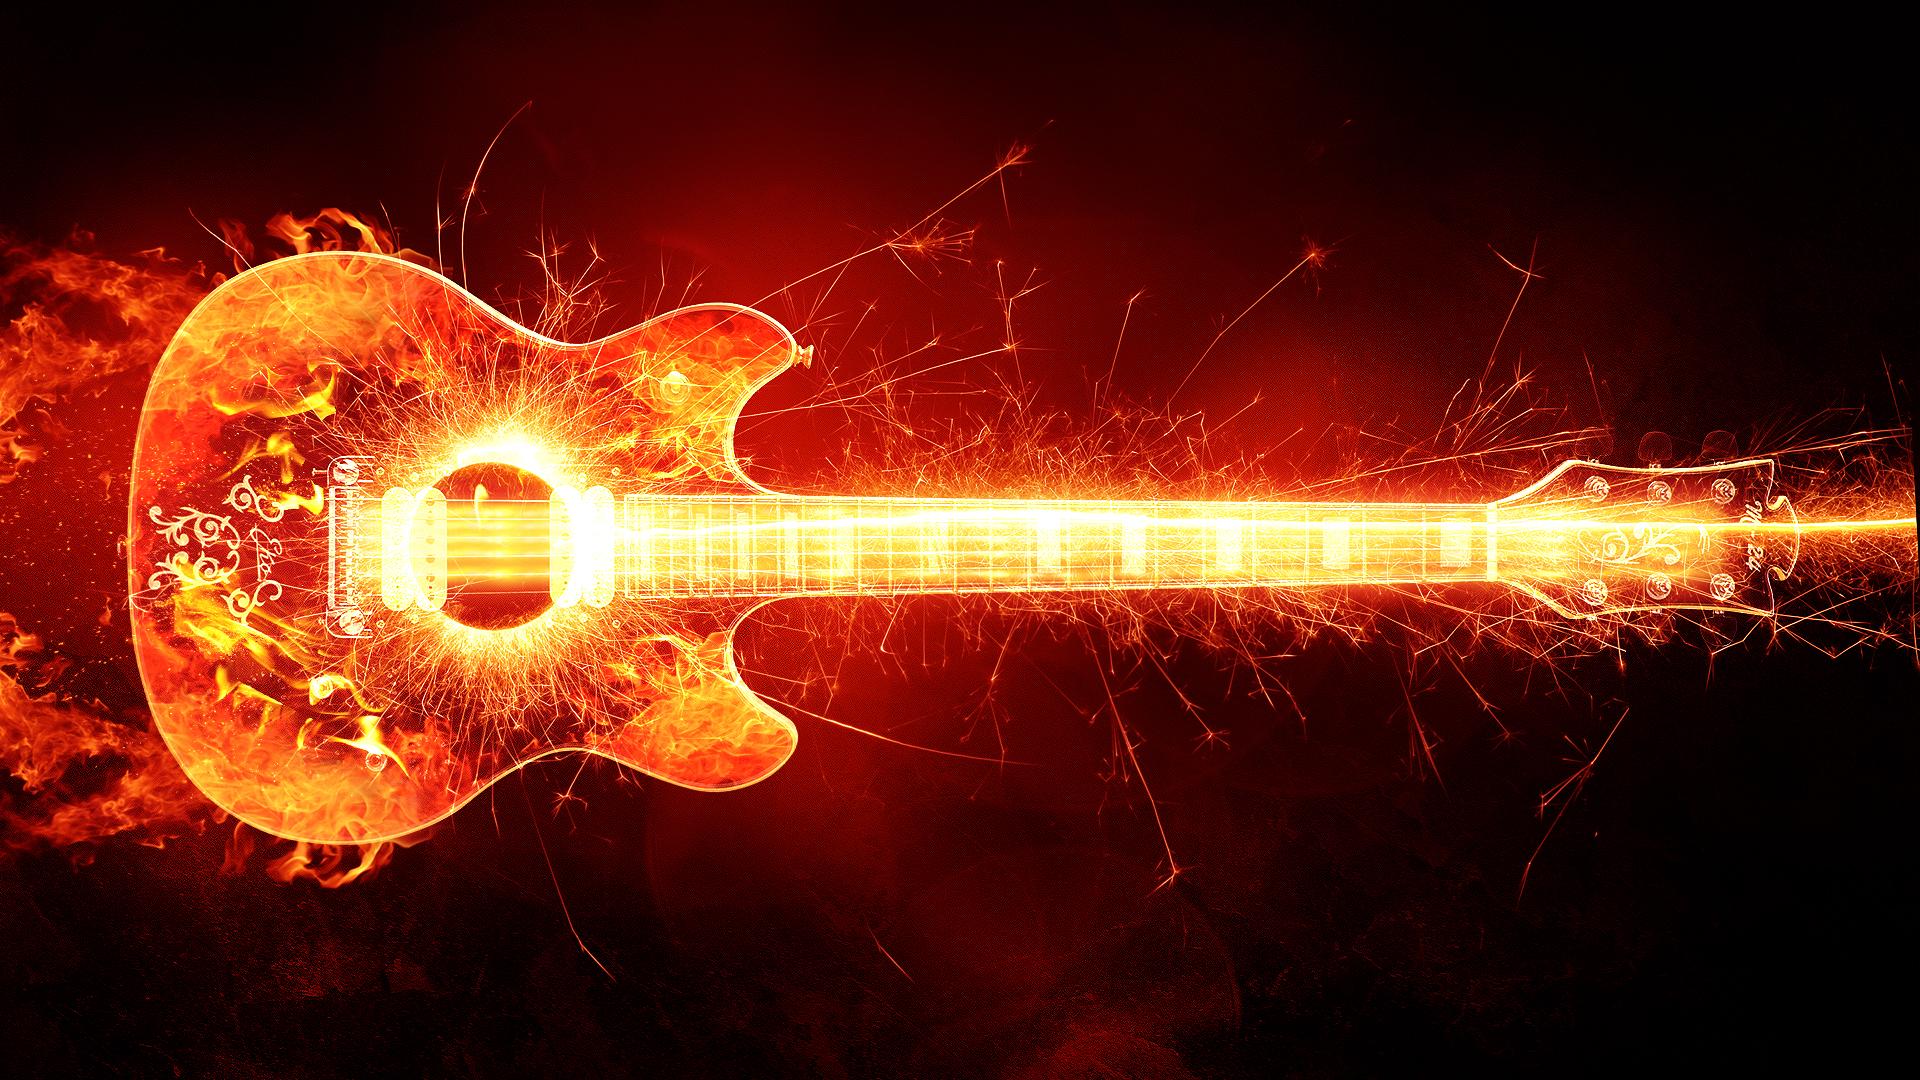 wallpaper 4k fire guitar artwork fire guitar